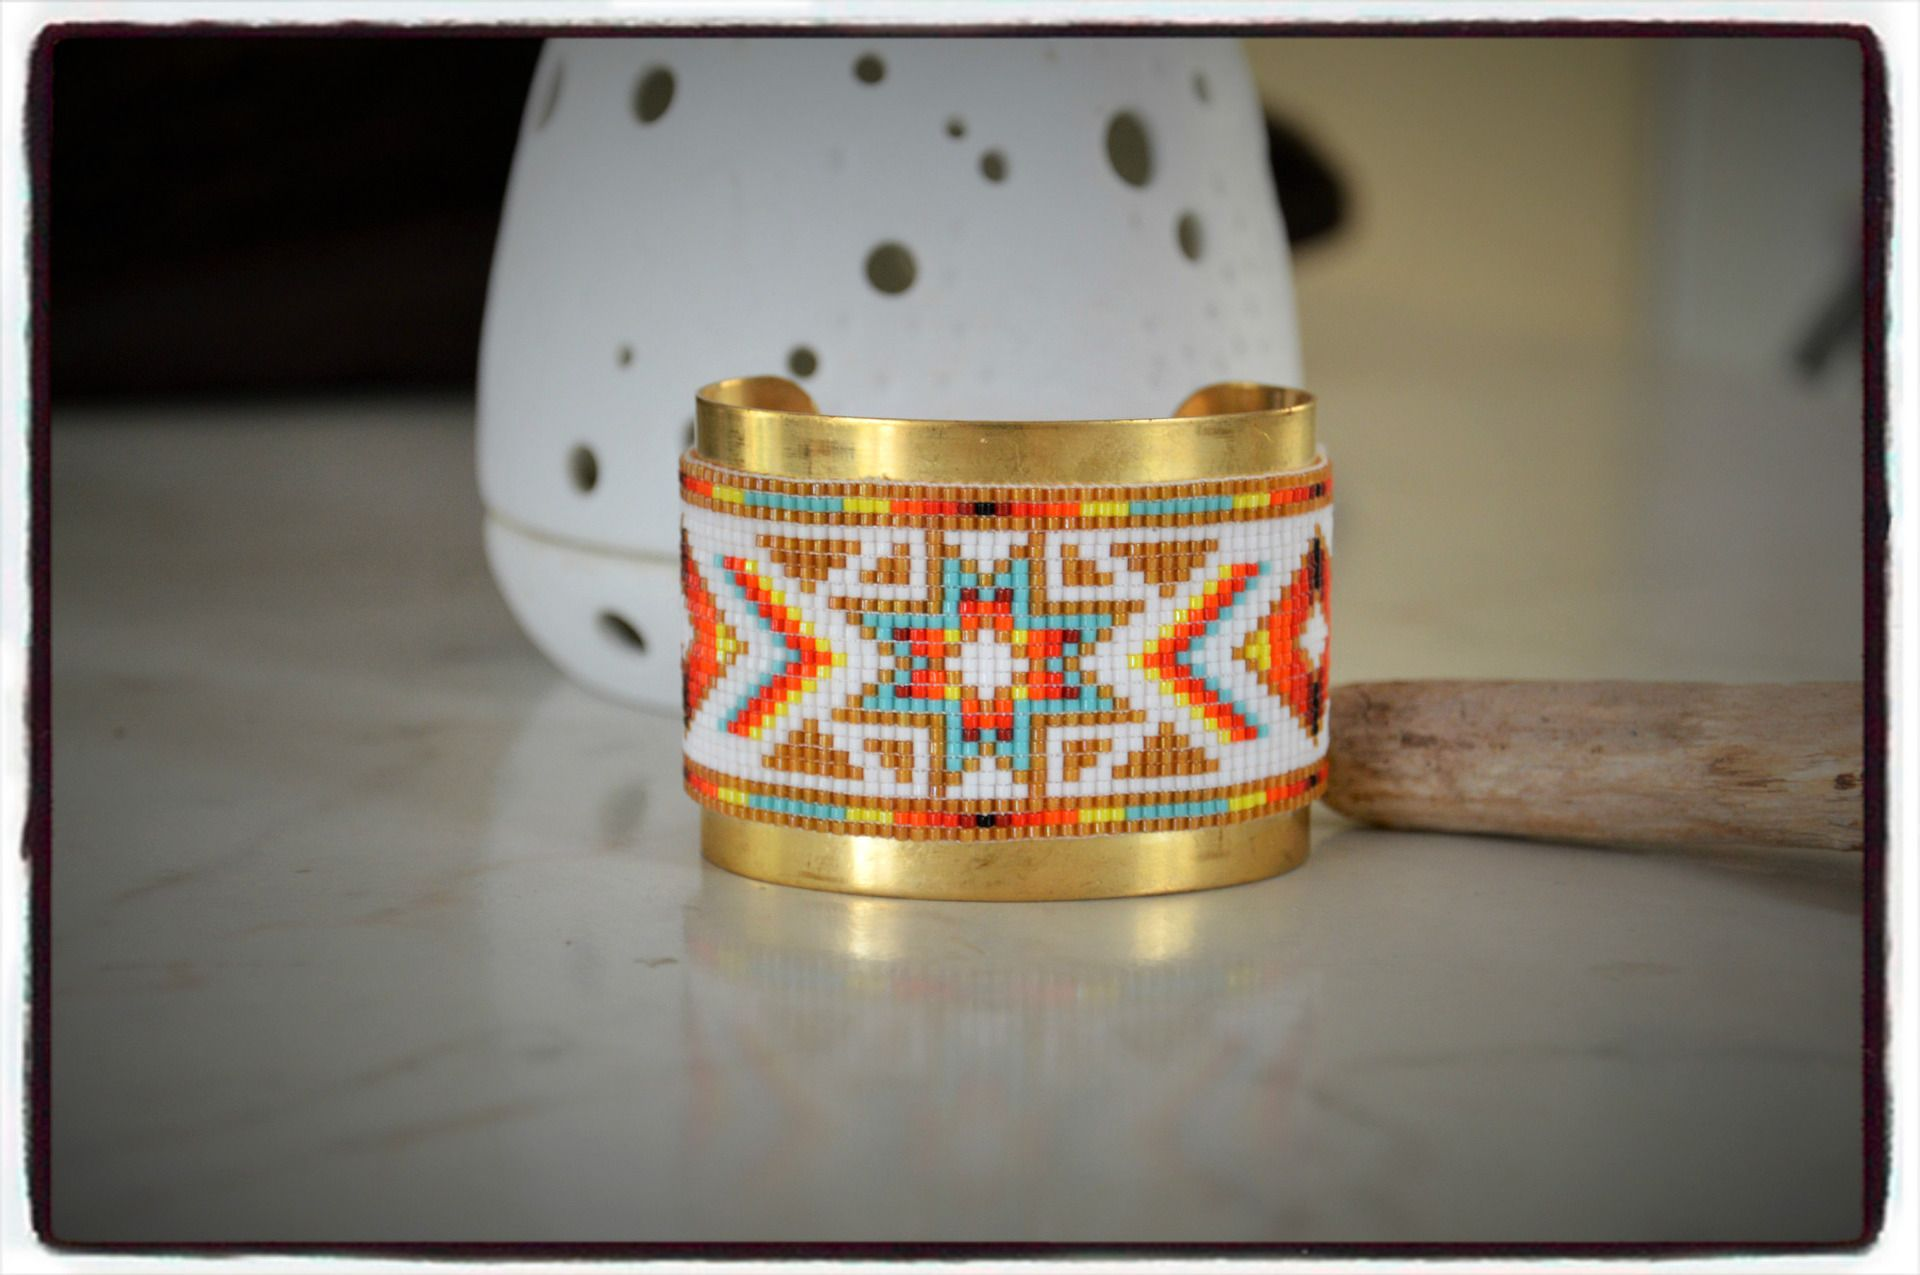 Extrêmement Large bracelet peyote manchette jonc doré avec tissage perles  WR28